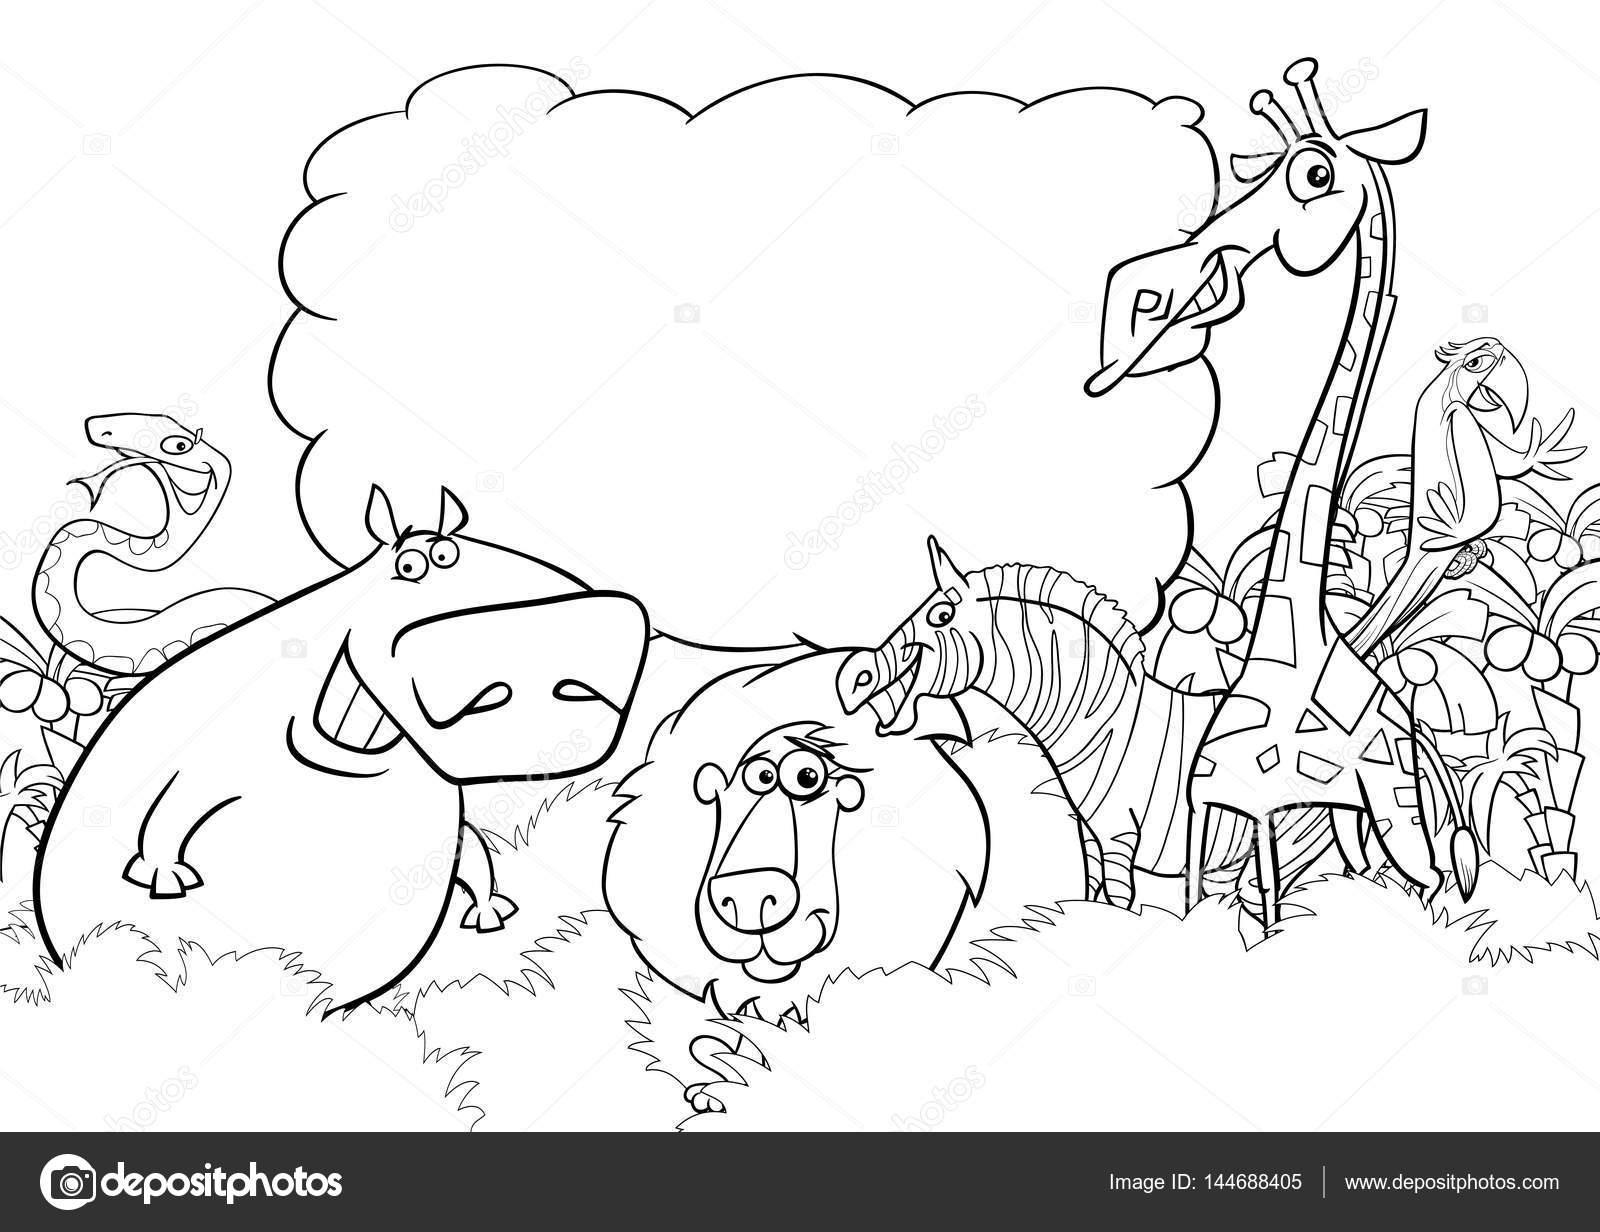 Página para colorear de animales salvajes — Archivo Imágenes ...